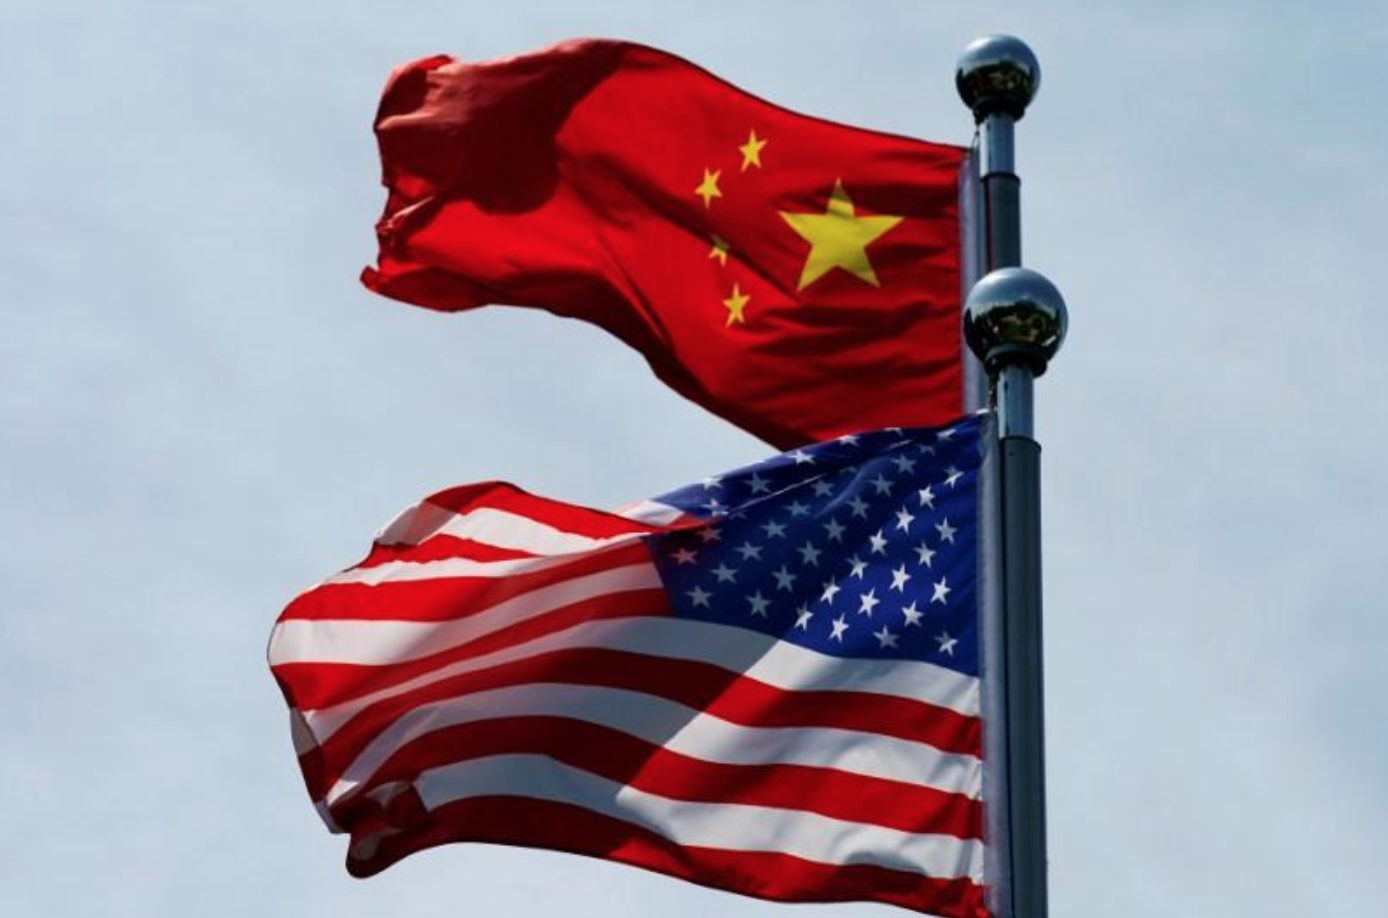 Hoa Kỳ áp đặt hạn chế lên các hãng truyền thôngcủa Trung Cộng